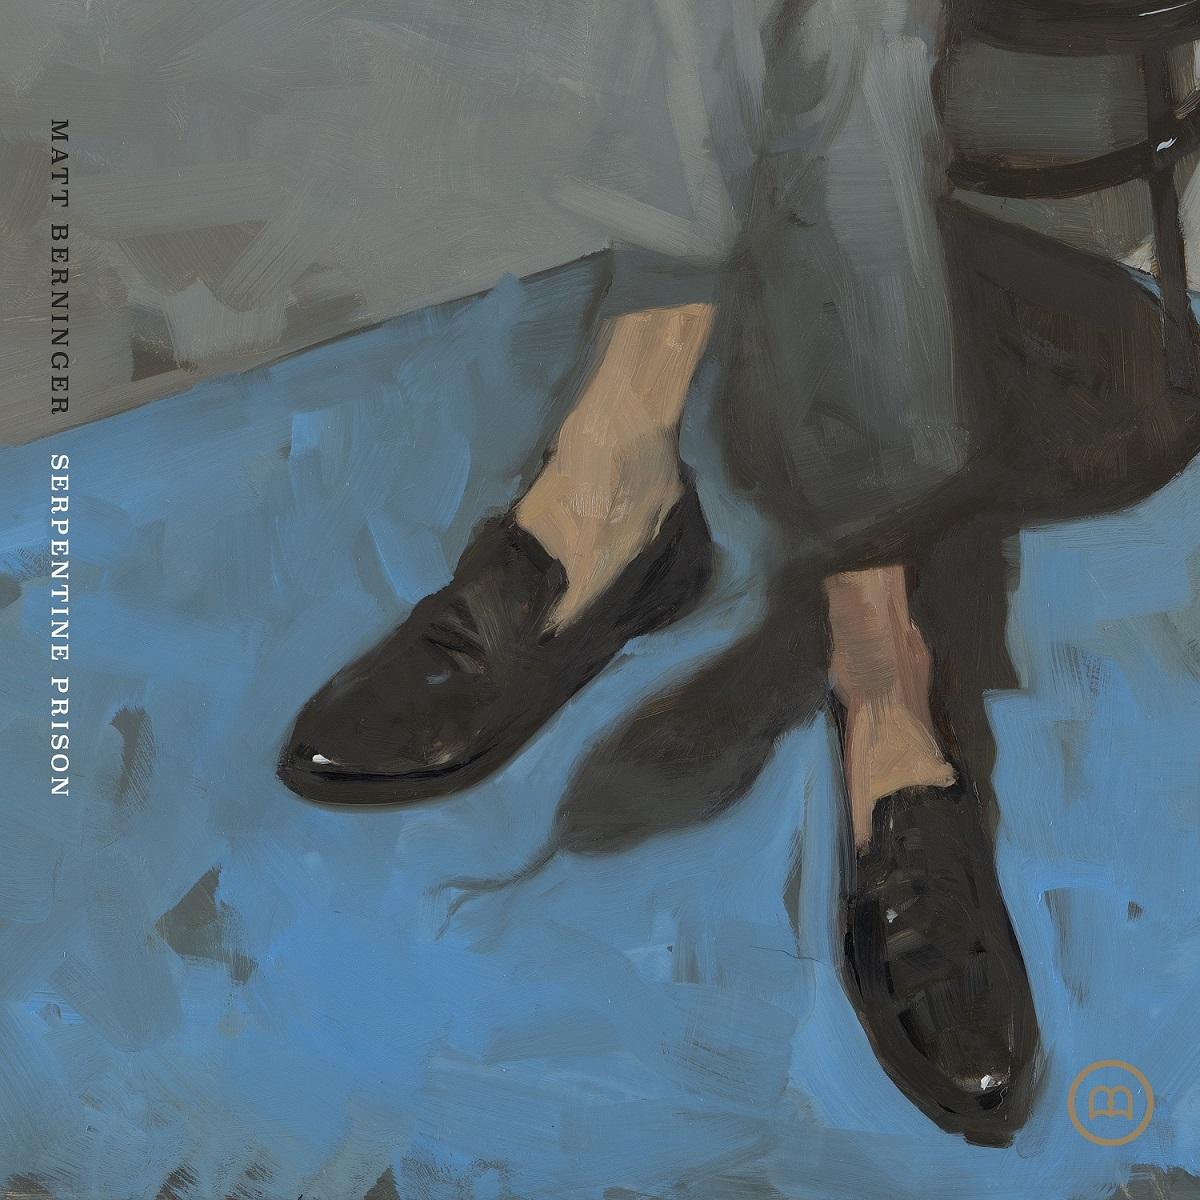 Matt Berninger - Serptentine Prison_SingleCover小.jpg